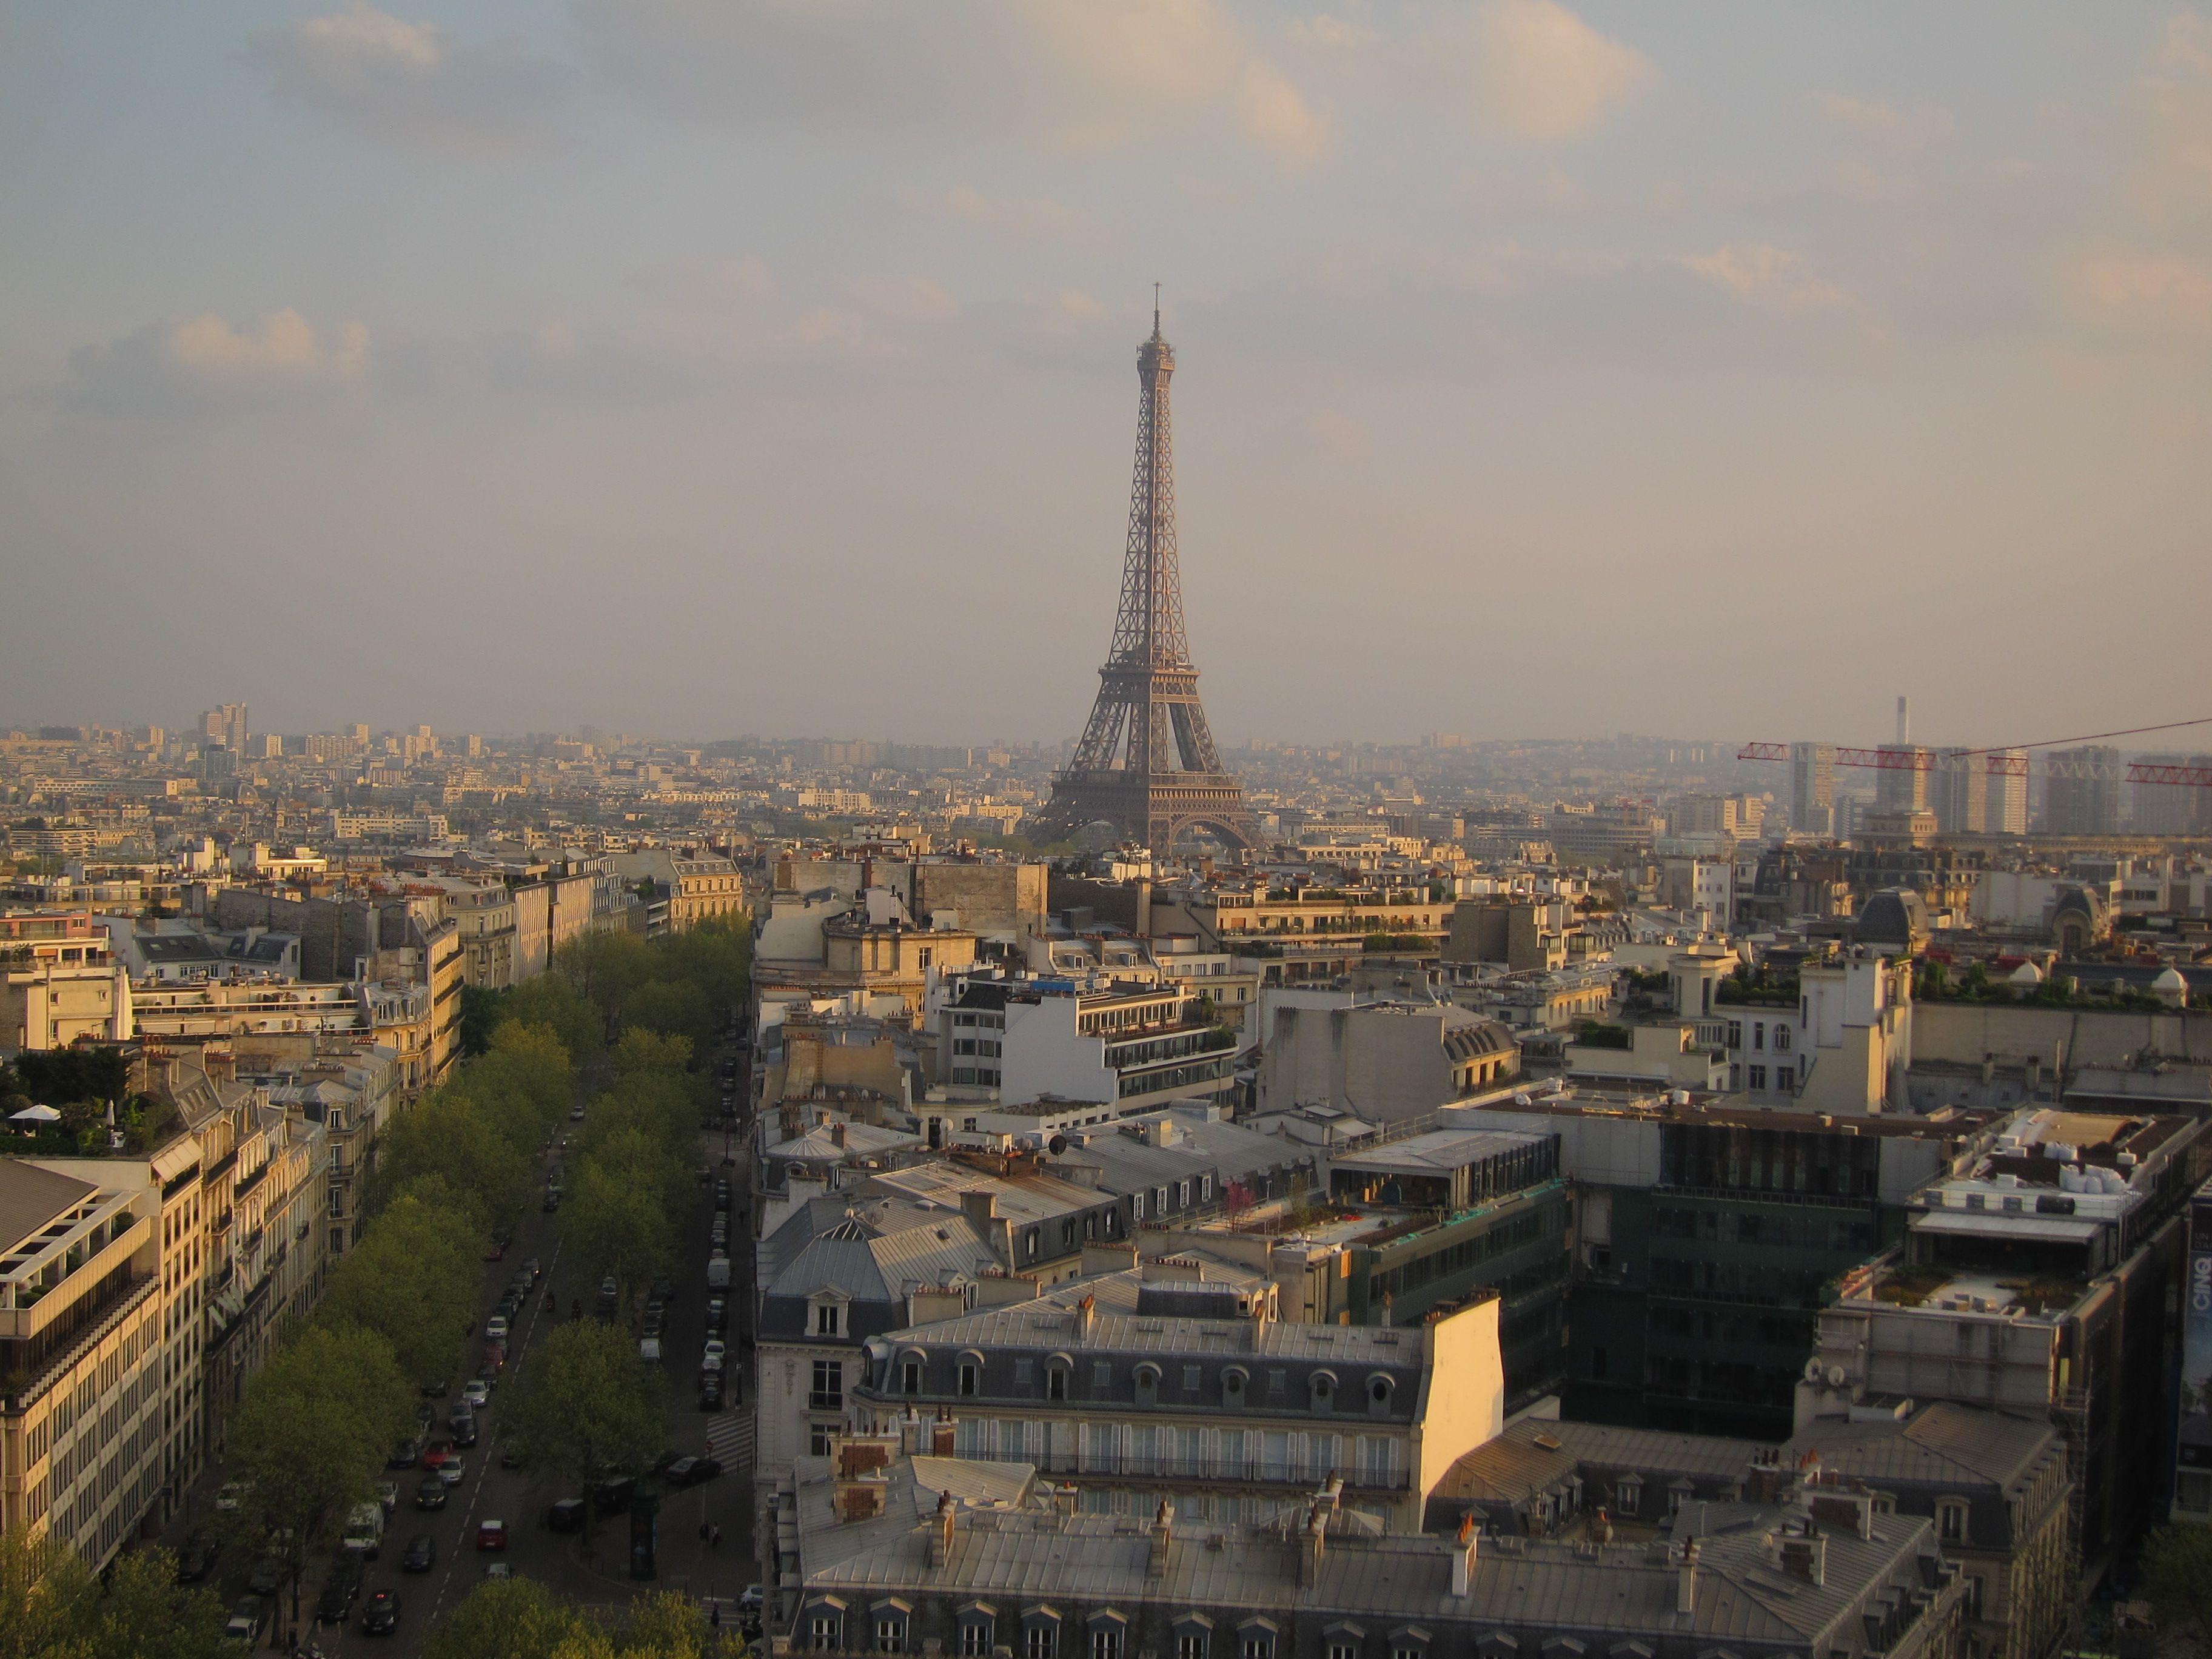 Paris. Torre Eiffel vista desde el Arco del Triunfo